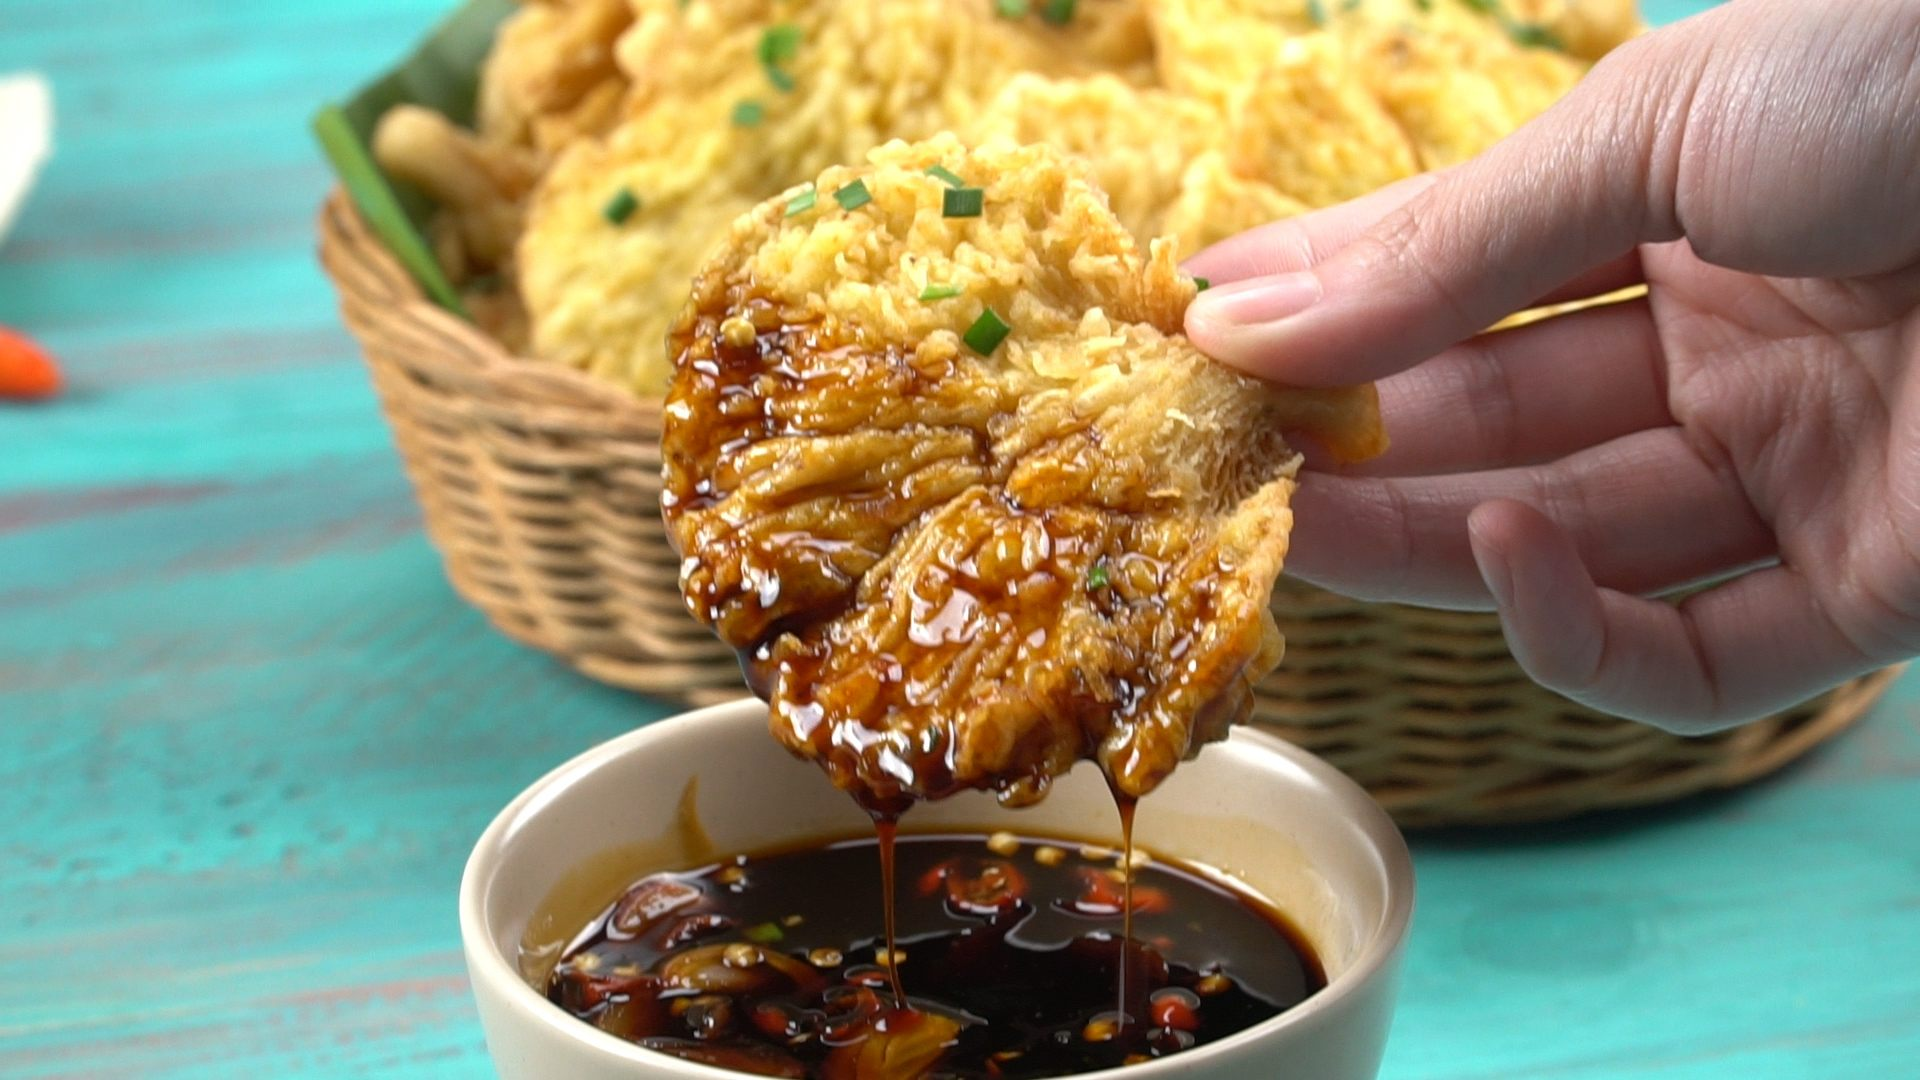 Cara Membuat Jamur Crispy Saus Kecap - Masak Apa Hari Ini